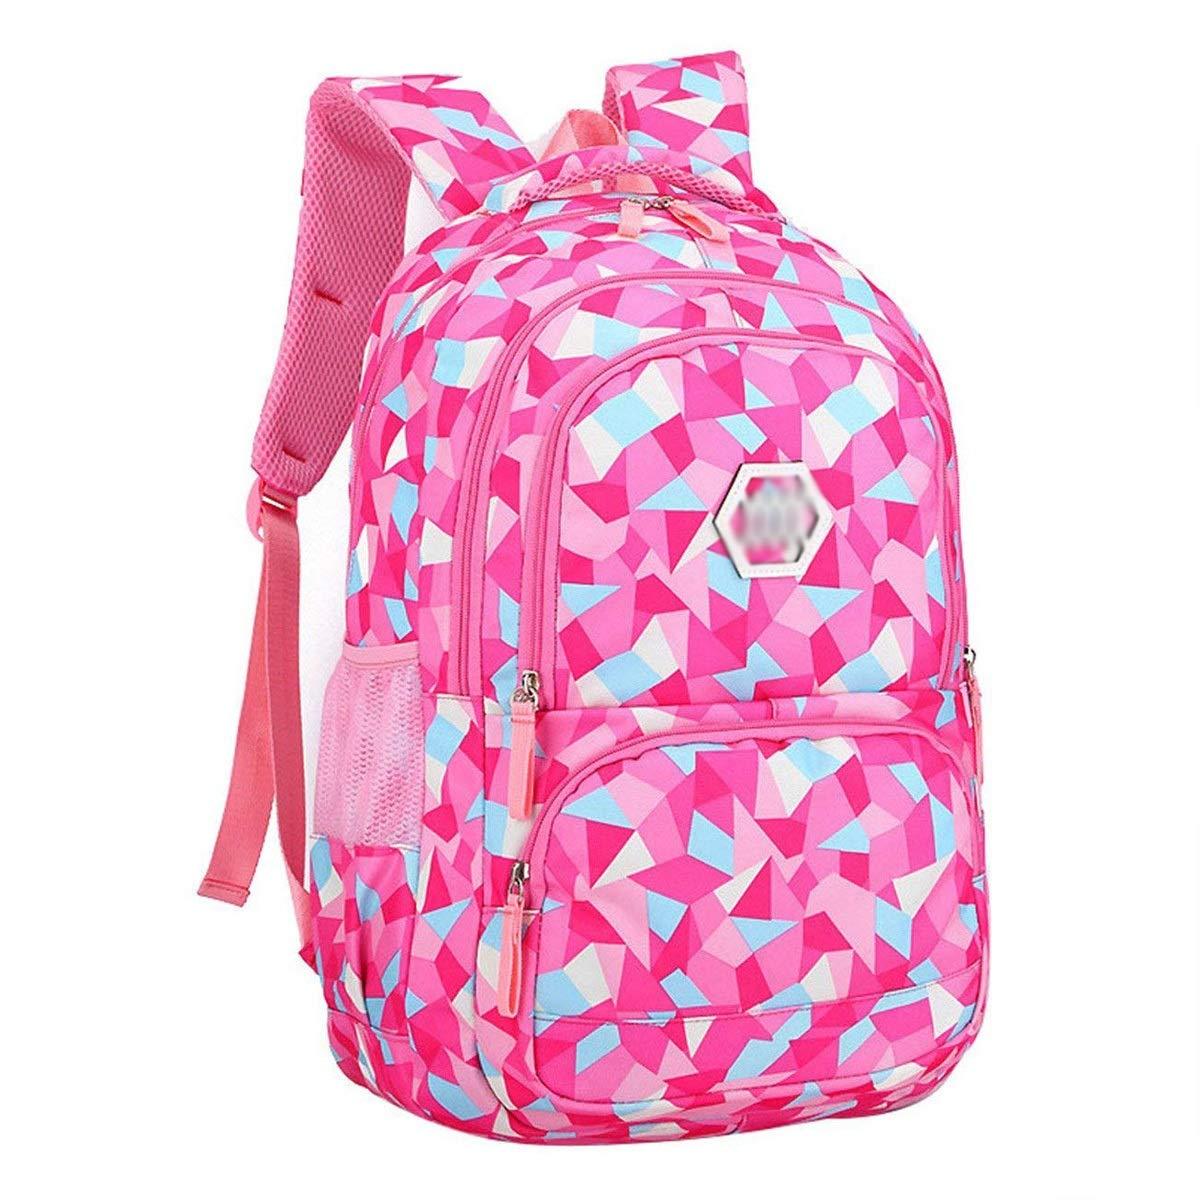 XHHWZB Wasserdichte Schulrucksack für Mädchen Middle School Cute Bookbag Daypack Daypack Daypack für Frauen Rhombus B07G8839VF | Ruf zuerst  7ccef3